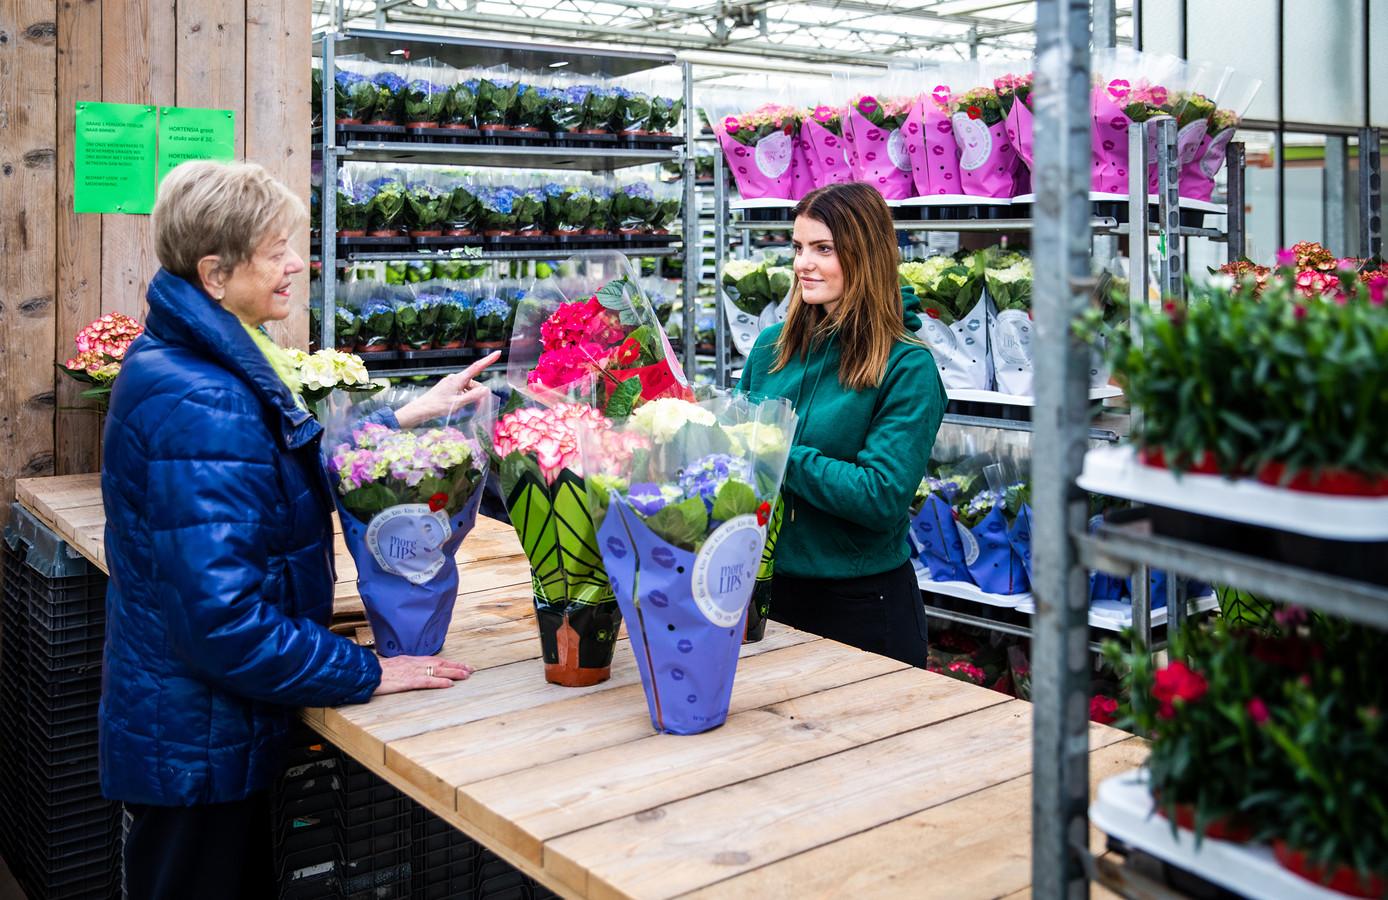 Bij de geïmproviseerde kraam worden nog wat planten verkocht.